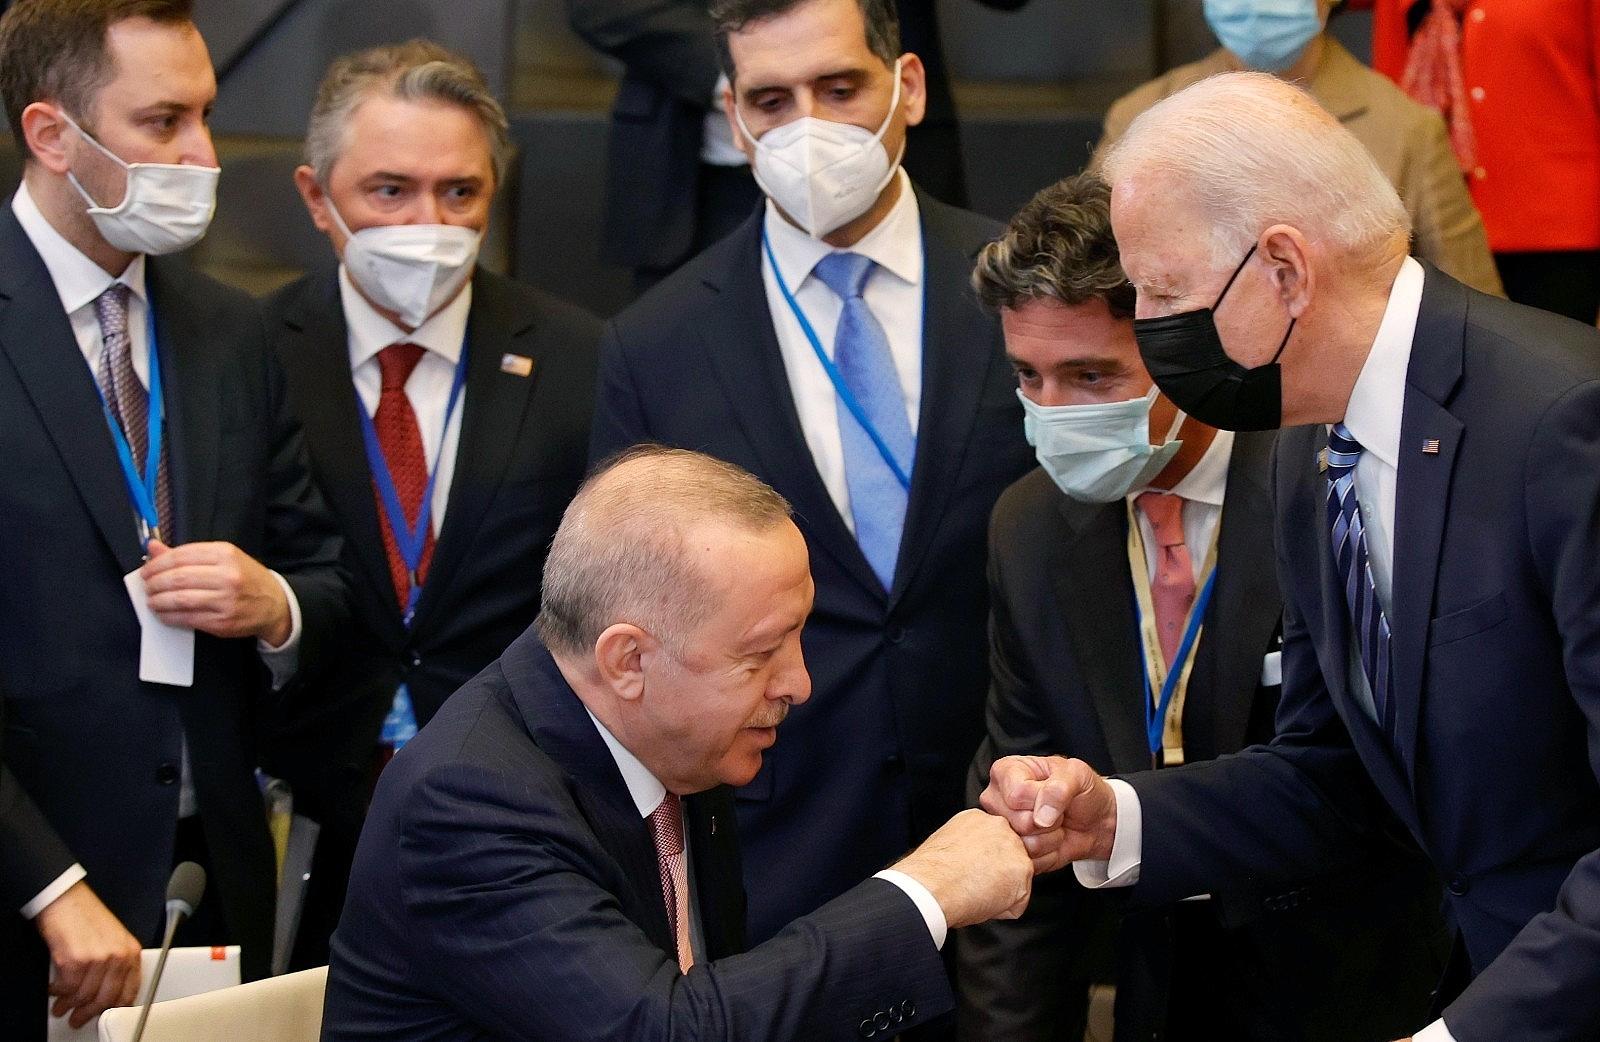 2021/06/cumhurbaskani-erdogan-biden-ile-sohbet-etti-20210614AW34-1.jpg